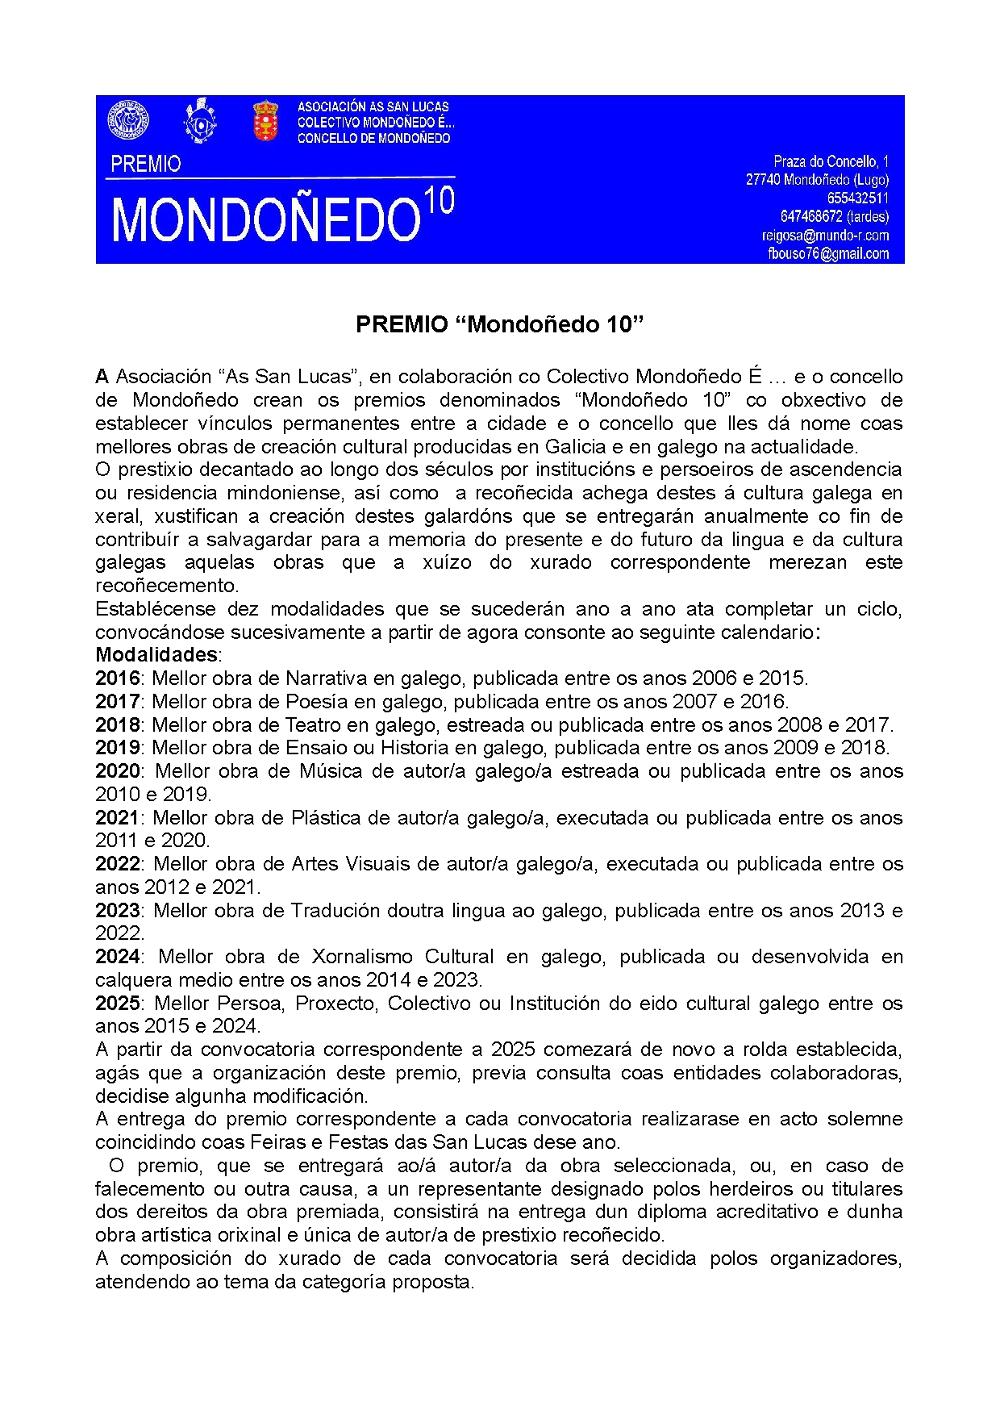 premios-mondonedo-10-1